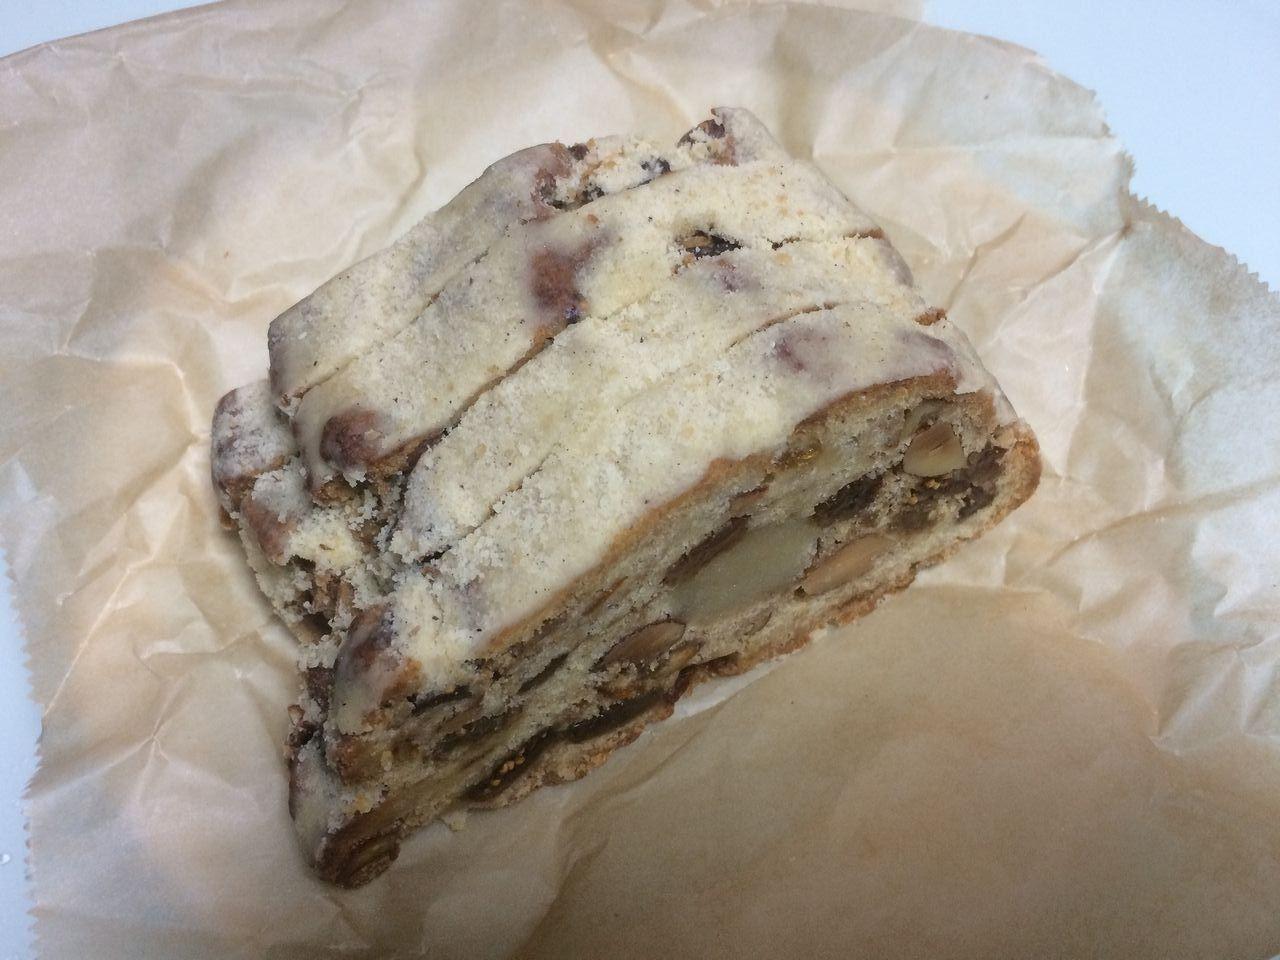 テナント物件をお探しの高森様(2019年7月26日オープンした「MadalenaCafe」/マダレーナカフェの店長様)から手作りのケーキをいただきました!クリスマスシーズンの「シュトーレン」というお菓子パン?です!ド…